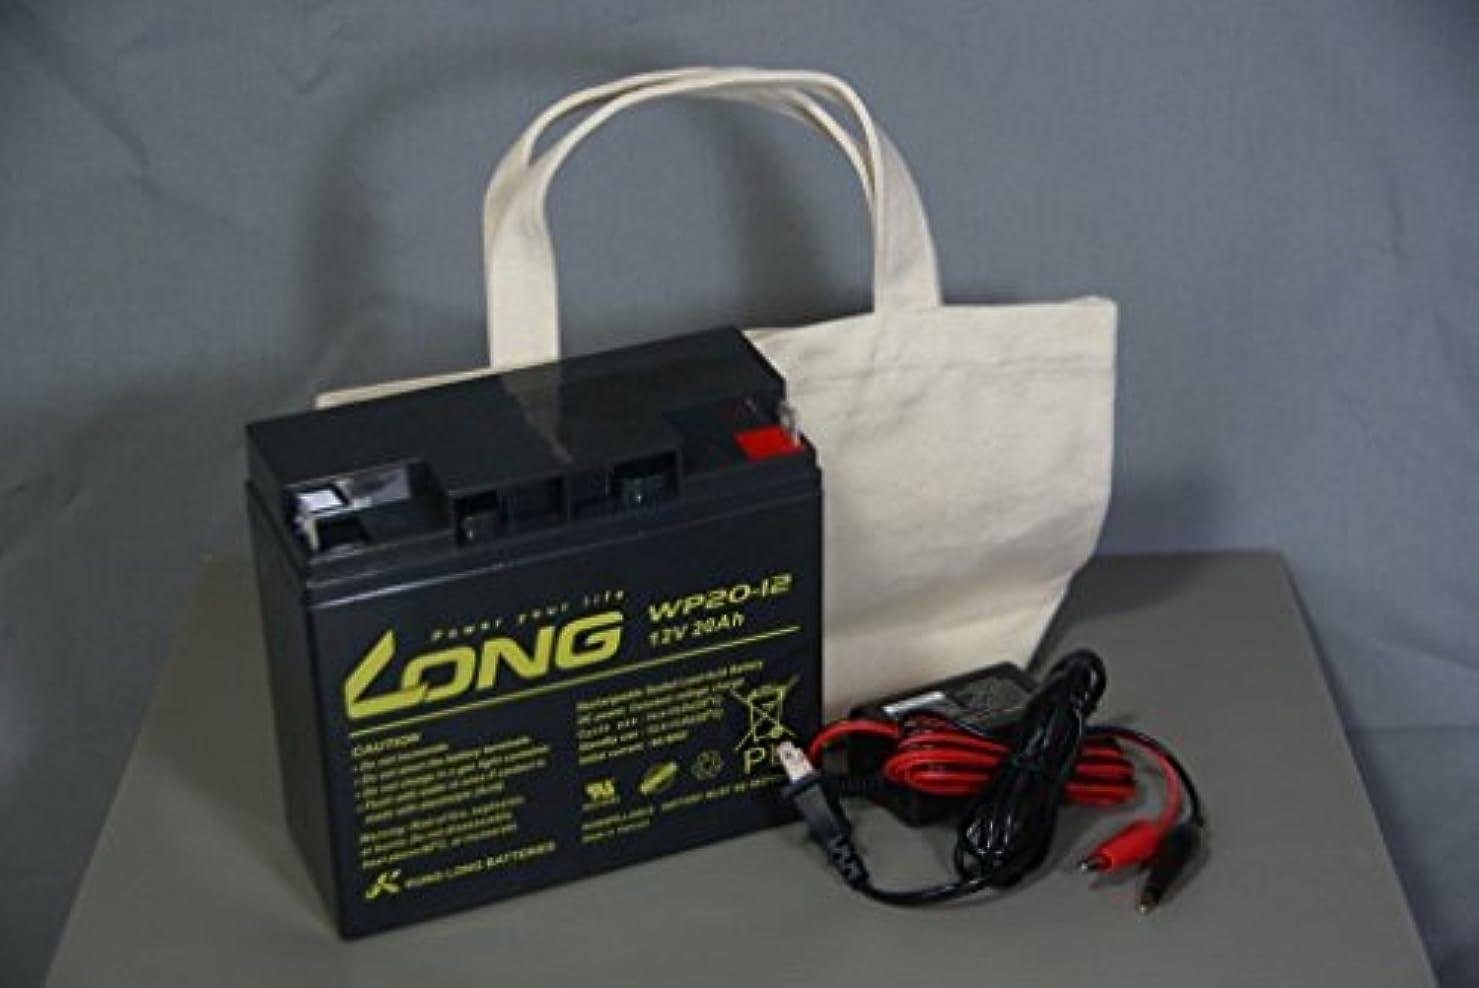 昼食ペットシーズン魚探用バッテリー&充電器セット(20000mAh)キャンバス製キャリーバッグ付き